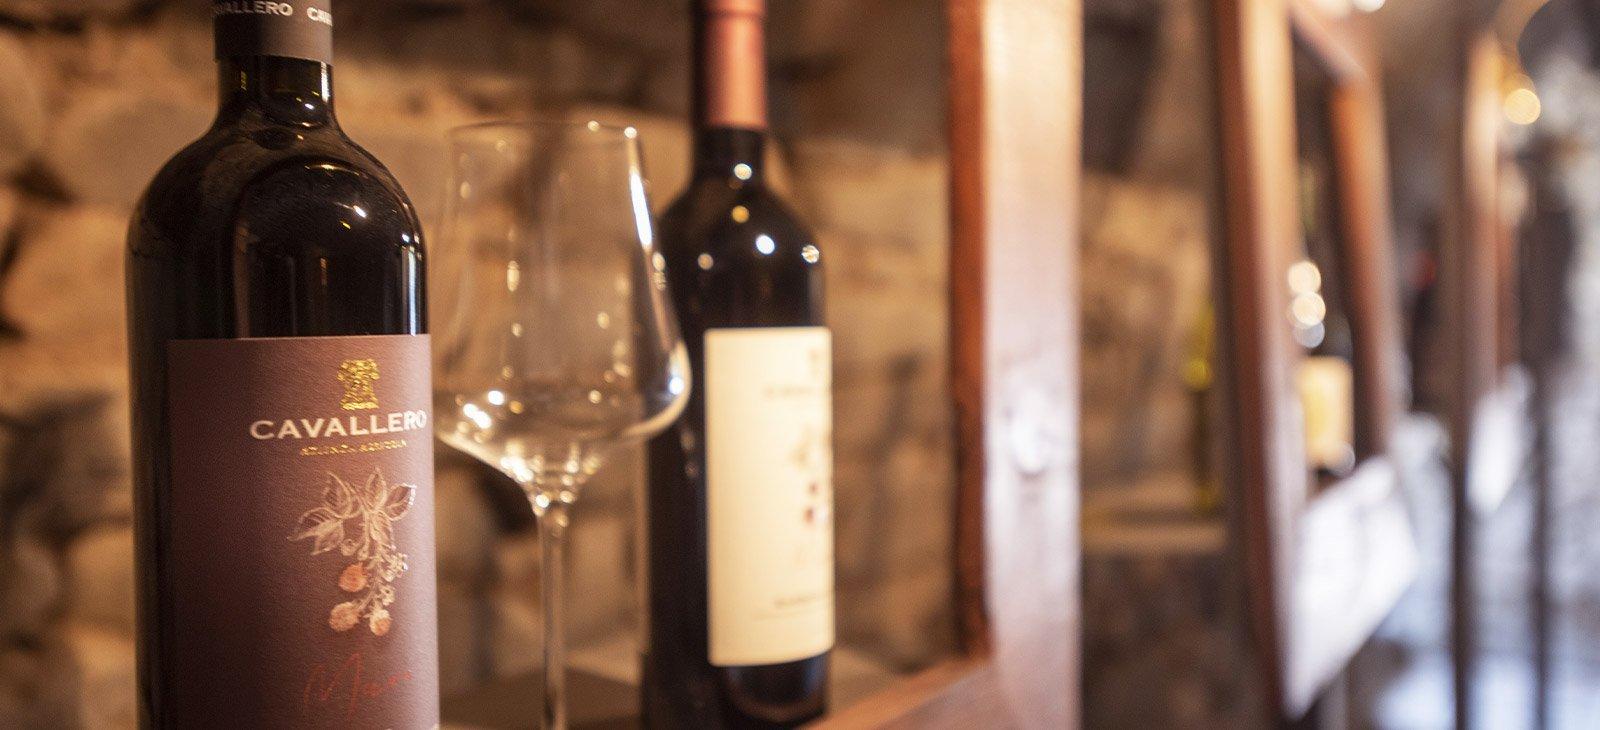 La filosofia Cavallero: ogni vino prodotto è una promessa